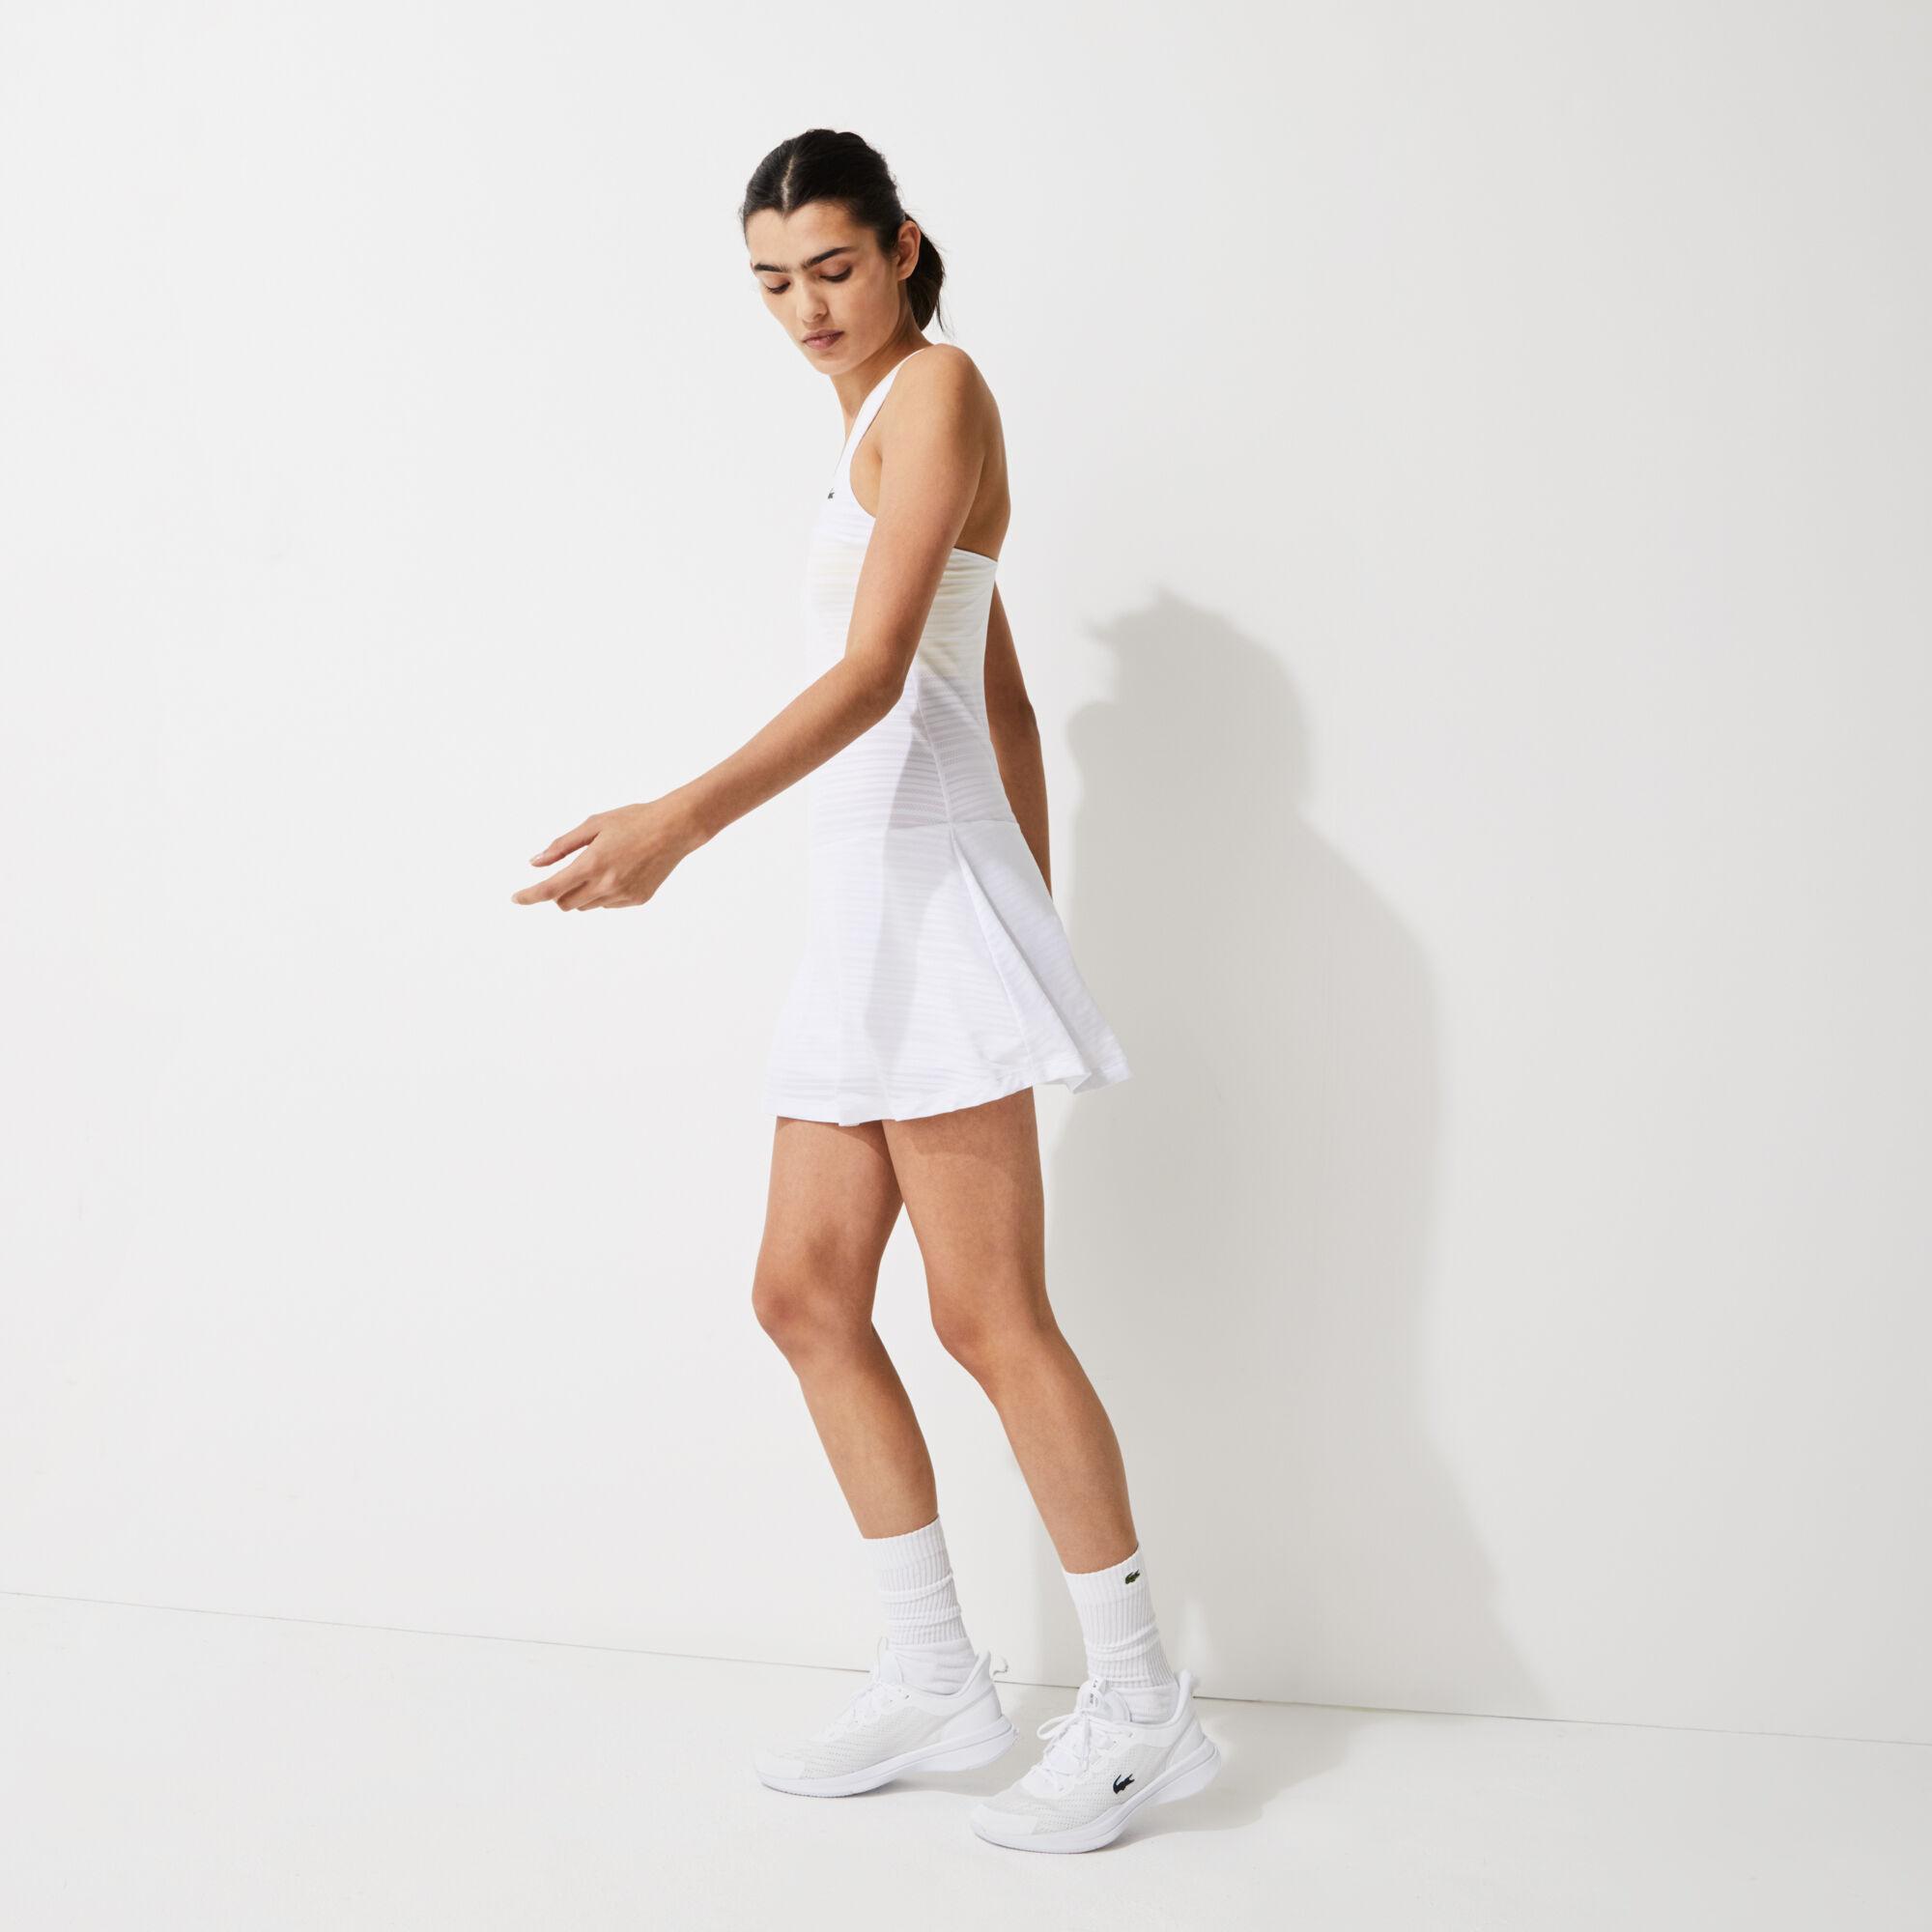 فستان مرن للنساء مجموعة Lacoste SPORT French Open